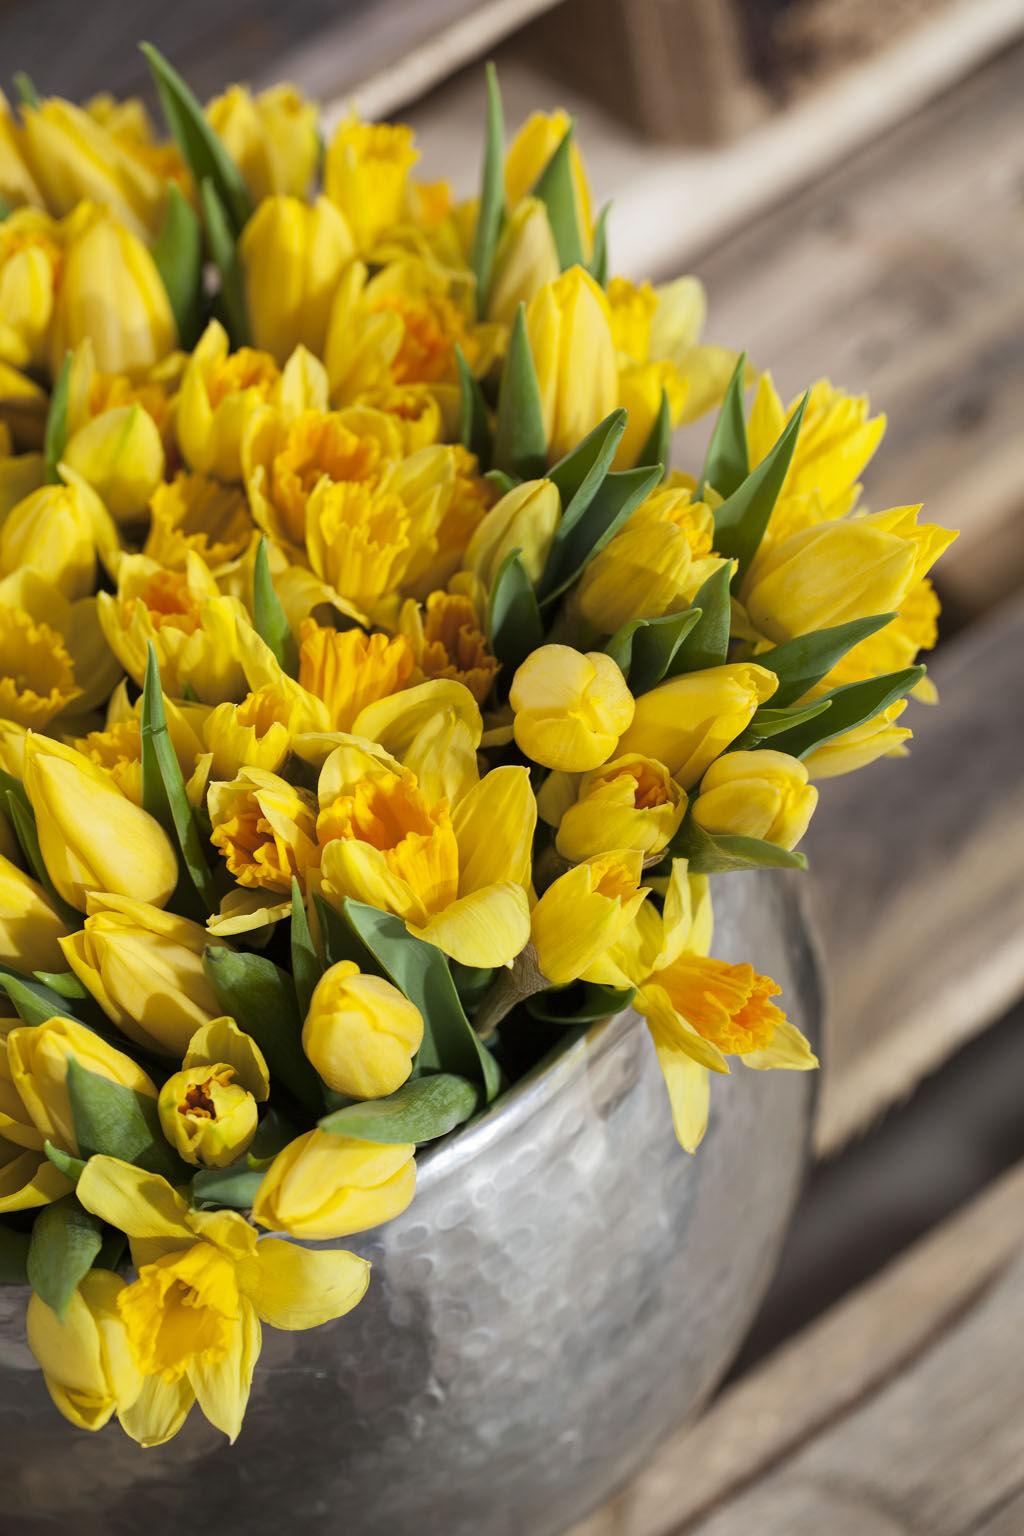 potte full av gule tulipaner og påskeliljer